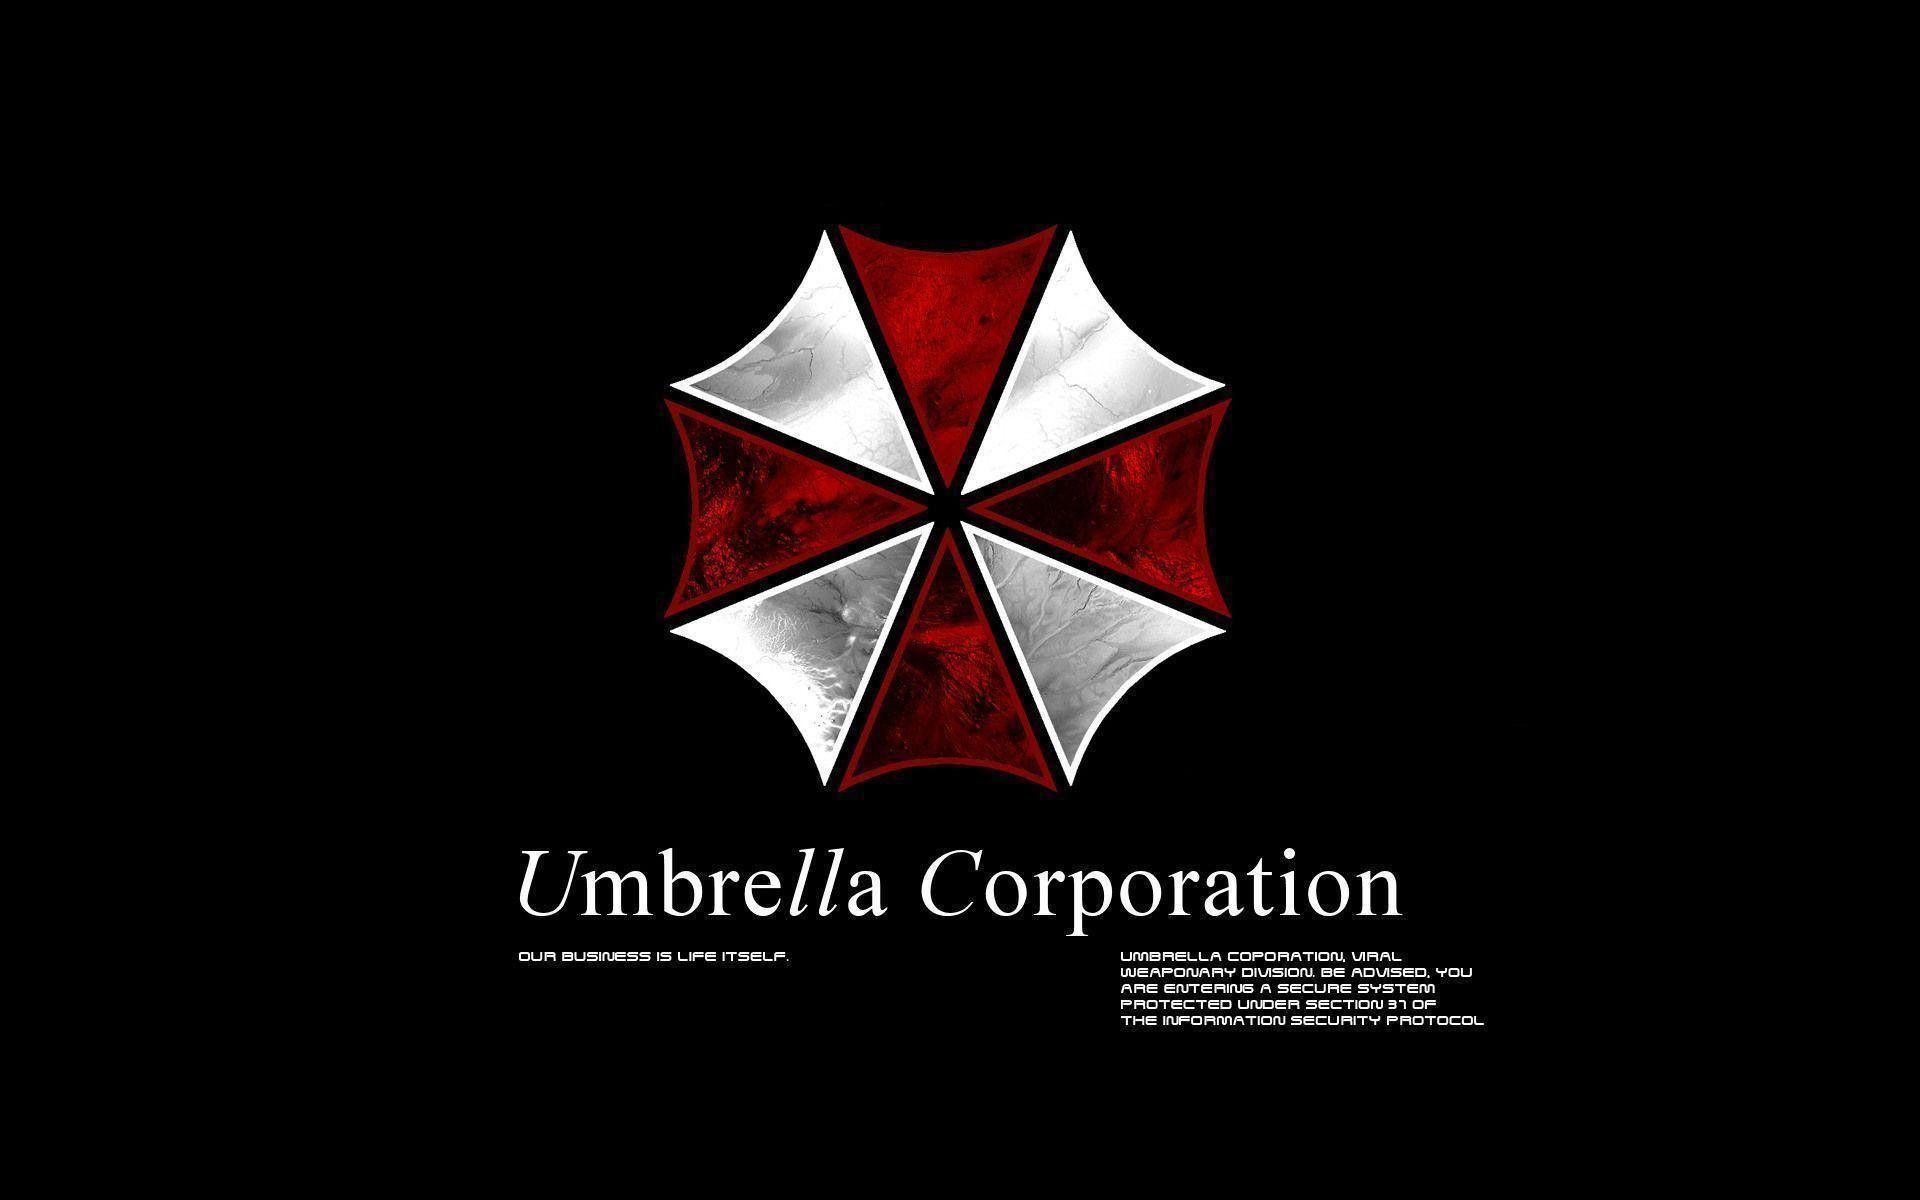 Umbrella Corporation Live Wallpaper (77+ images)